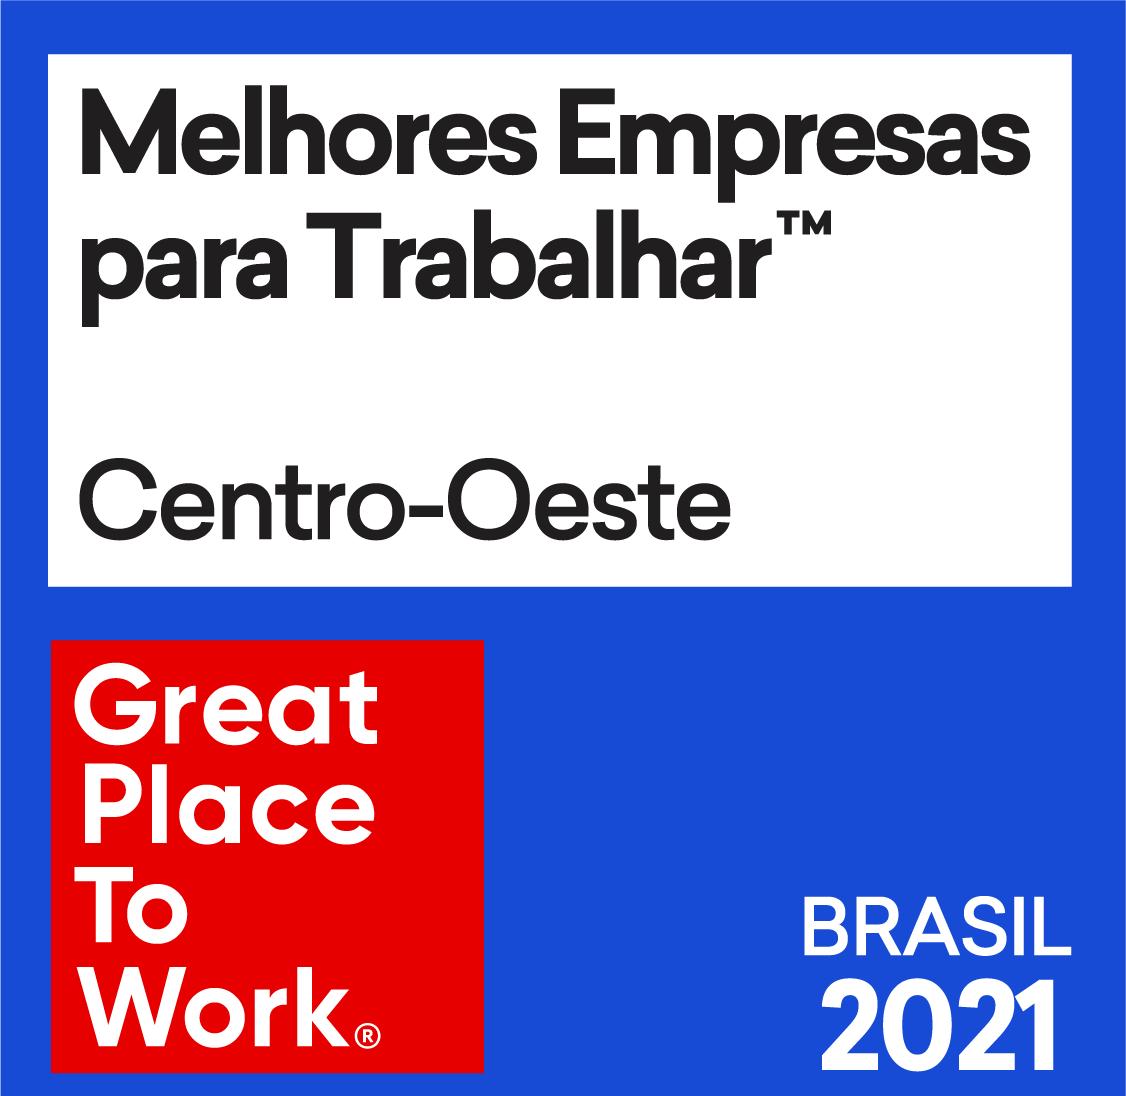 Selo Melhores GPTW - Centro-Oeste - 2021 - Empilhado - Copia